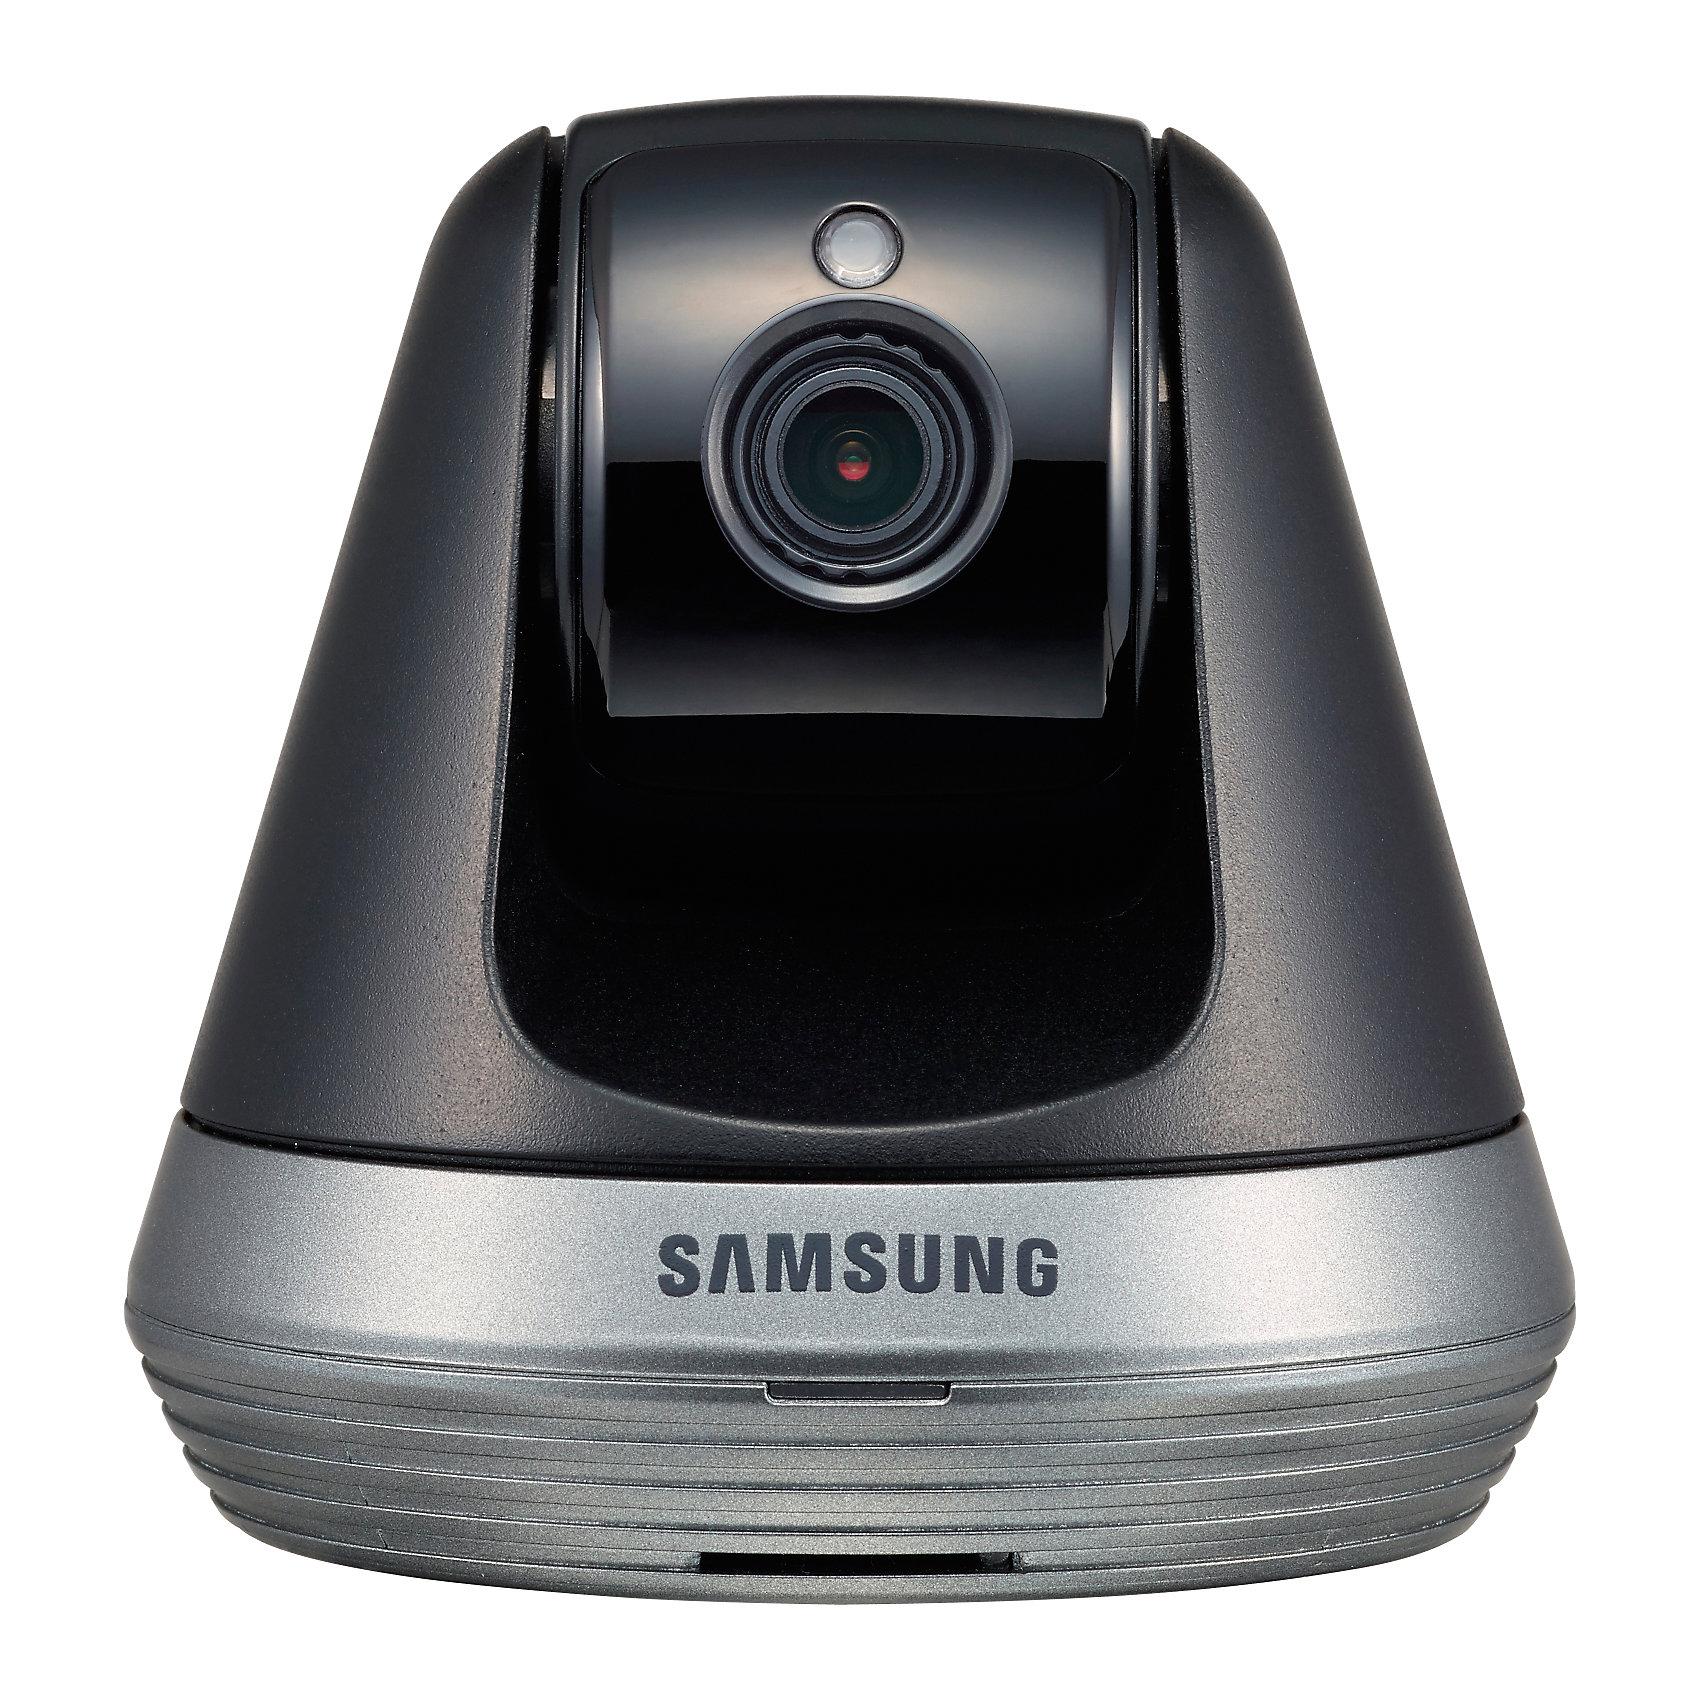 Видеоняня Samsung Wi-Fi SmartCam SNH-V6410PNДетская бытовая техника<br>Видеоняня Wi-Fi SmartCam SNH-V6410PN, Samsung (Самсунг)<br><br>Характеристики:<br><br>• подходит для планшетов, смартфонов и компьютеров<br>• доступ из любой точки мира<br>• высокое качество изображения в формате Full HD 1080p<br>• автоматическое оповещение при плаче или движении<br>• автоматическое включение ночного видения<br>• несколько зон отслеживания<br>• удаленное управление поворотом камеры<br>• двухсторонняя связь<br>• возможность записи<br>• поддержка iOS 6 (или выше), Android, Windows, Mac<br>• регулировка наклона<br>• в комплекте: камера, адаптер, инструкция<br>• сеть: 802.11 b/g/n Wi-Fi<br>• размер камеры: 8,5х8,5х8,4 см<br>• размер упаковки: 24х10х10 см<br>• вес: 600 грамм<br><br>SNH-V6410PN - современная видеоняня, с которой вы всегда будете уверены в безопасности ребенка. Модель совместима с планшетами, компьютерами и смартфонами, практически с любой операционной системой. В случае обнаружения плача или движения видеоняня подает сигнал на ваше устройство. <br><br>В темное время суток включается режим ночного видения. Изображение в формате Full HD 1080p порадует вас качественной картинкой. Камера автоматически поворачивается, следуя за движением ребенка. Также, вы сможете управлять поворотом камеры со своего мобильного устройства.<br><br>Видеоняня оснащена возможностью записи видео и фото.  Есть слот для карты памяти SDXC. Камера оснащена автоматической компенсацией изображения при повышенной яркости.<br><br>Видеоняню Wi-Fi SmartCam SNH-V6410PN, Samsung (Самсунг) можно купить в нашем интернет-магазине.<br><br>Ширина мм: 100<br>Глубина мм: 240<br>Высота мм: 90<br>Вес г: 1001<br>Возраст от месяцев: 0<br>Возраст до месяцев: 1188<br>Пол: Унисекс<br>Возраст: Детский<br>SKU: 5516700